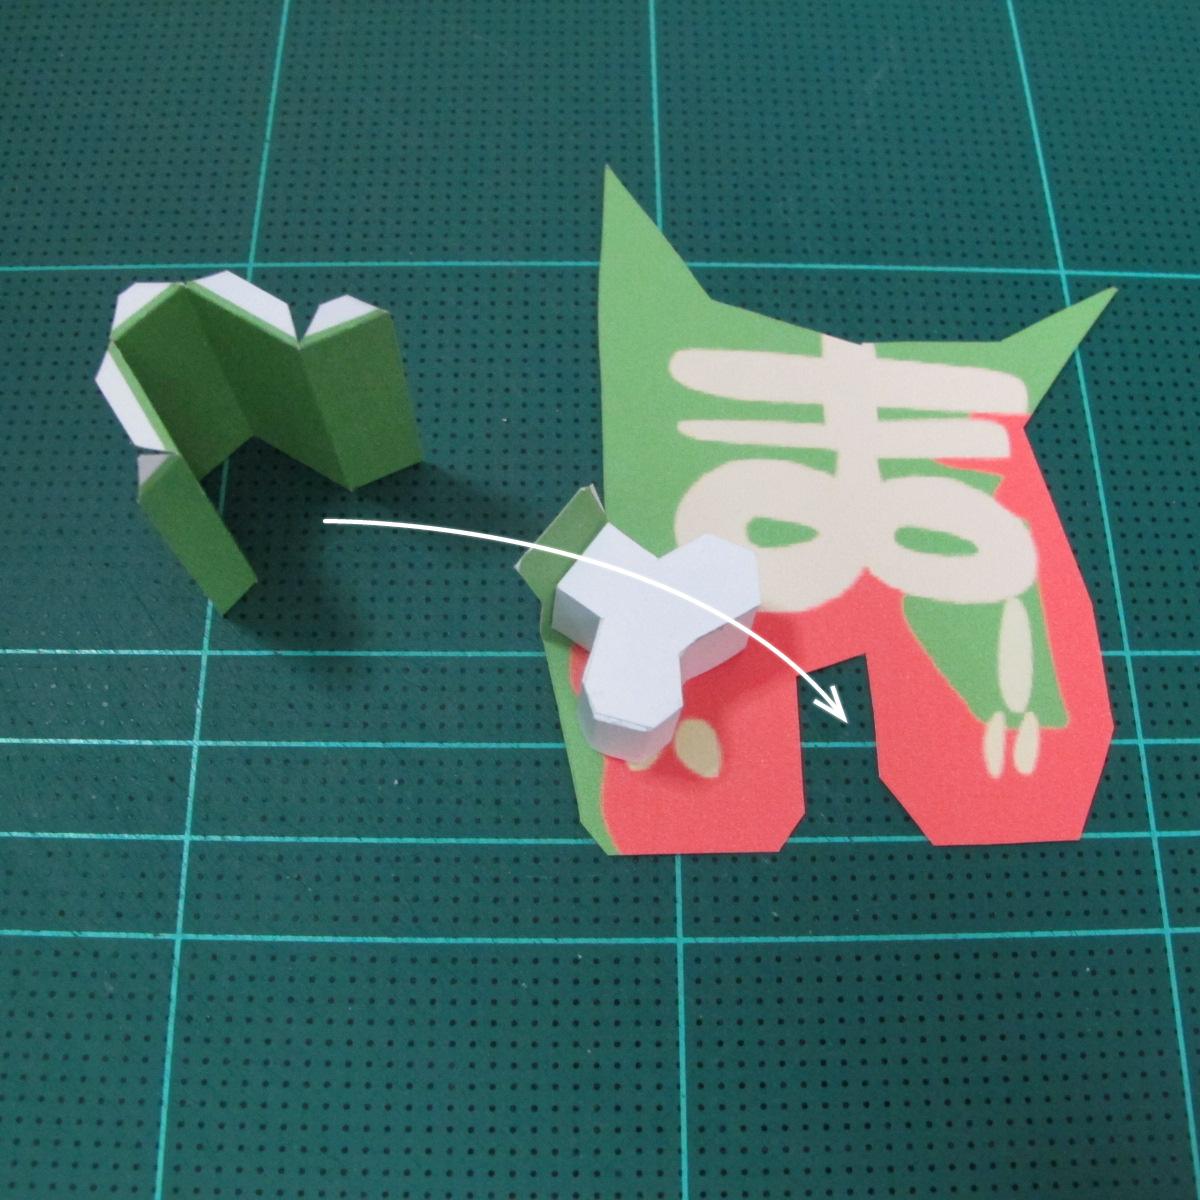 วิธีทำโมเดลกระดาษตุ้กตา คุกกี้ รัน คุกกี้รสซอมบี้ (LINE Cookie Run Zombie Cookie Papercraft Model) 019